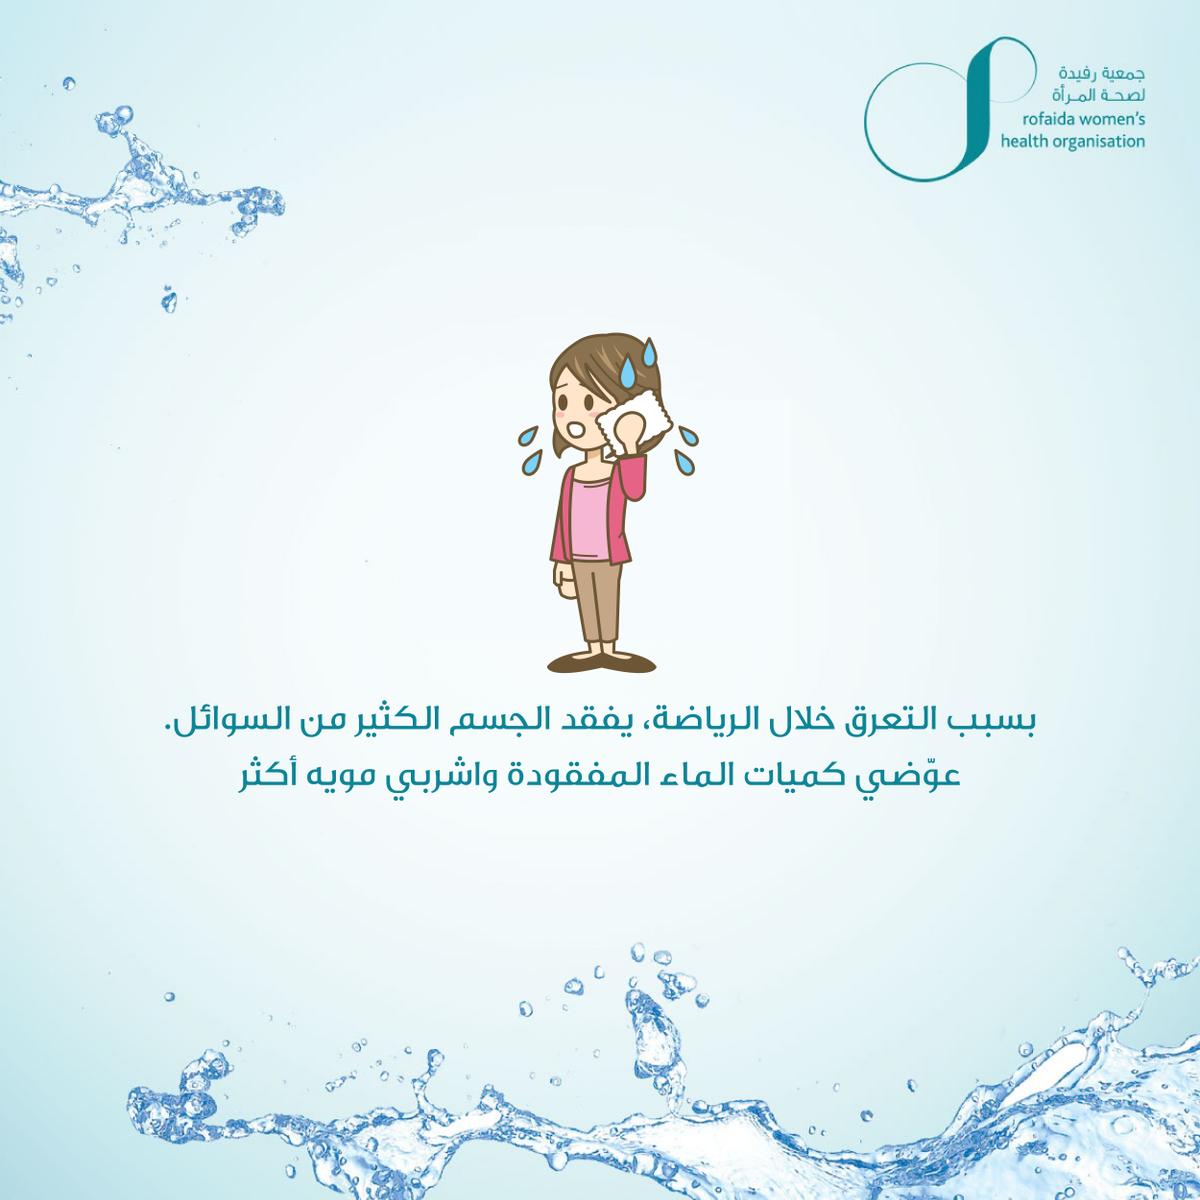 لاتنسين تشربين مويه بعد النادي عوضي كميات الماء المفقودة من جسمك خلال الرياضة  #متعطشه_للحياه